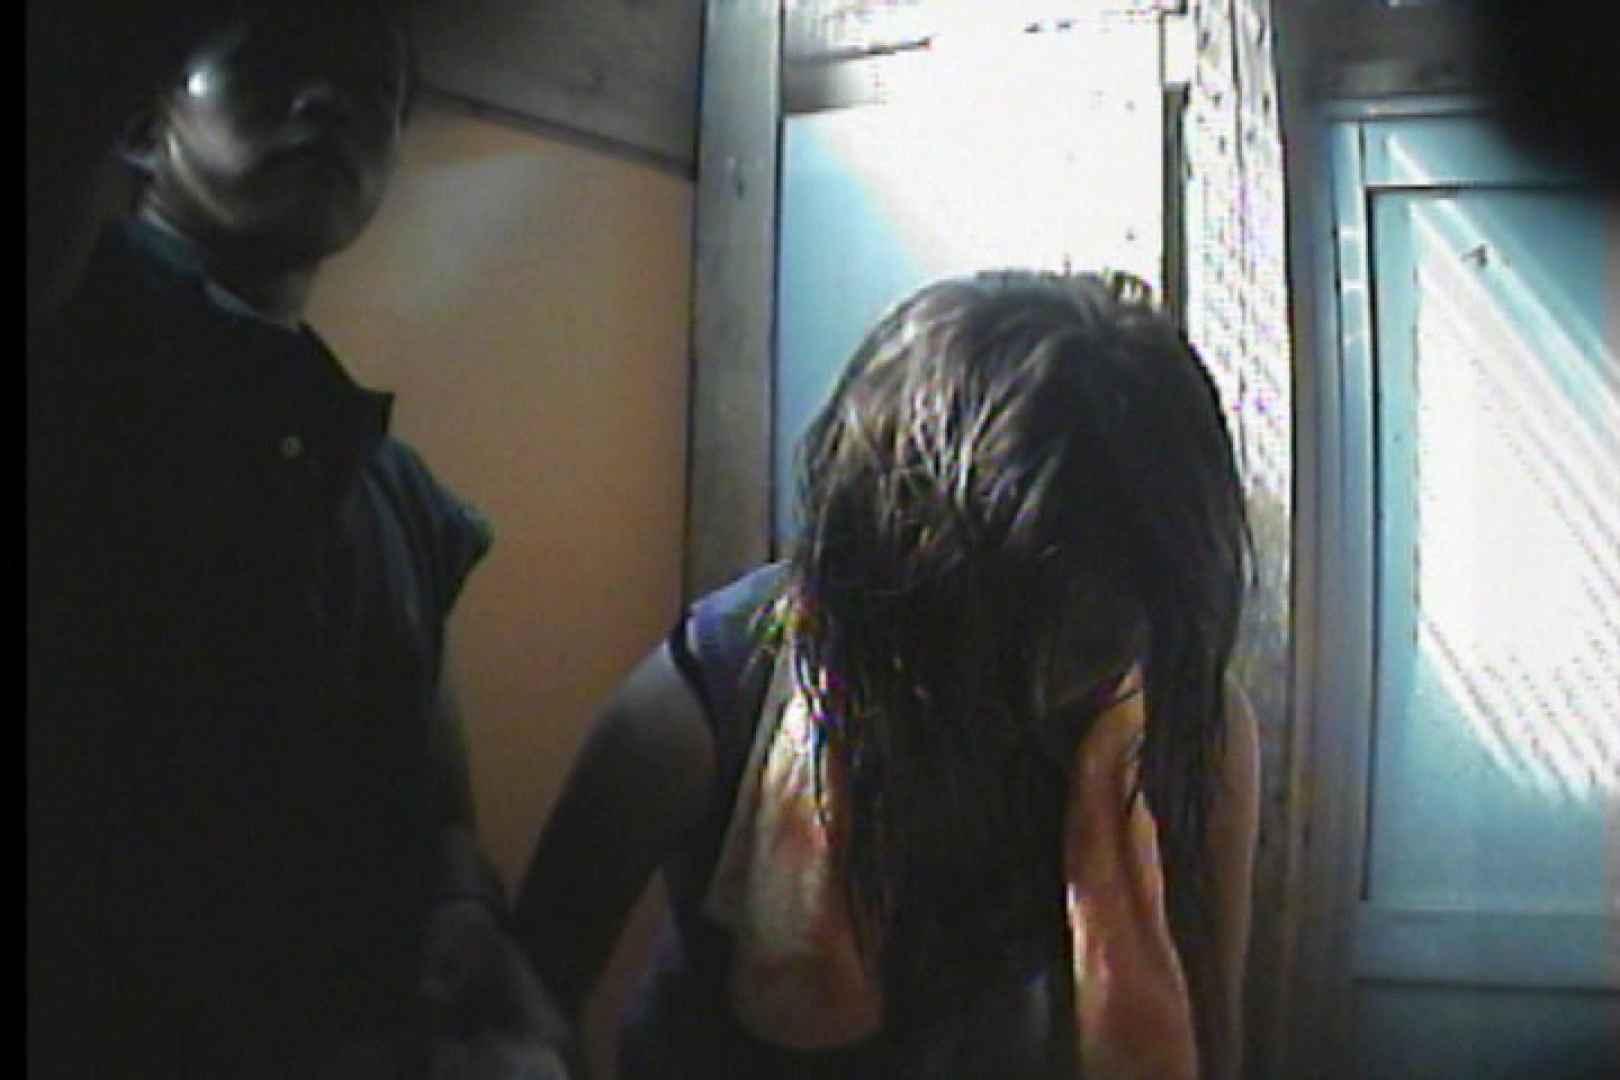 海の家の更衣室 Vol.47 OLの実態 盗撮おまんこ無修正動画無料 95pic 8